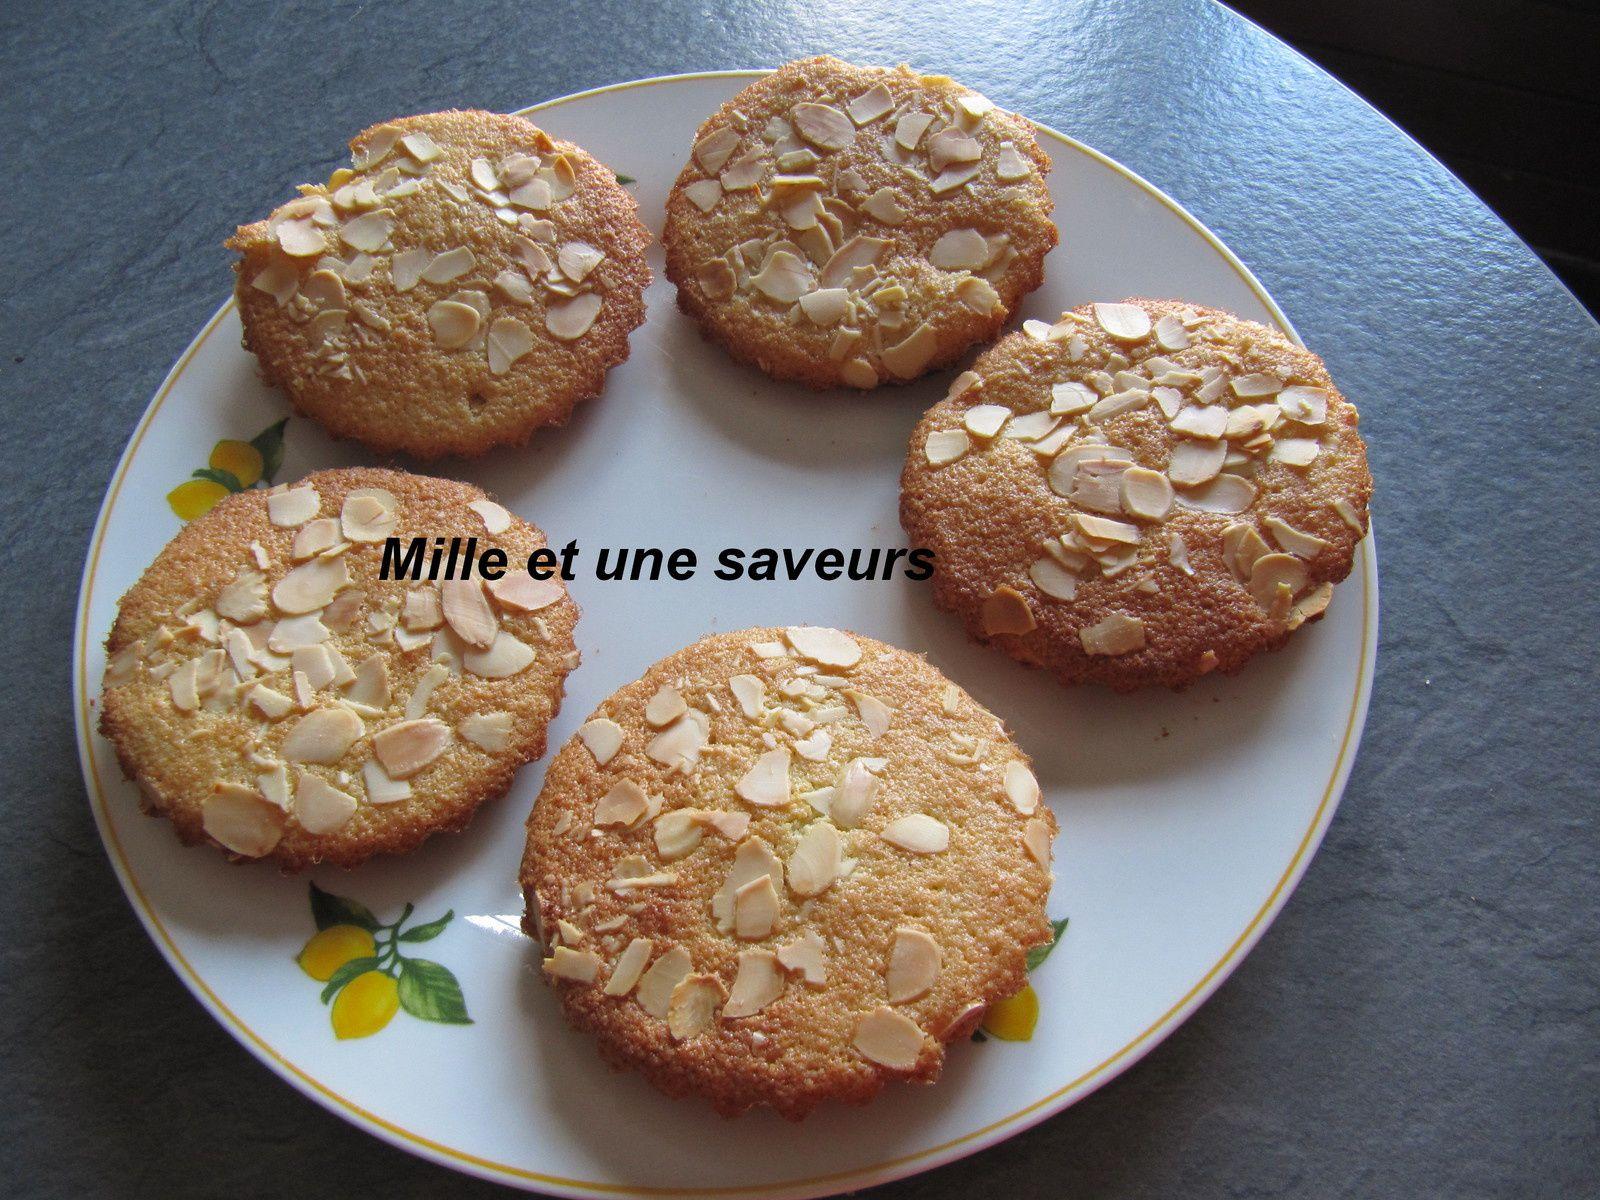 Le namandier, gâteau sans farine